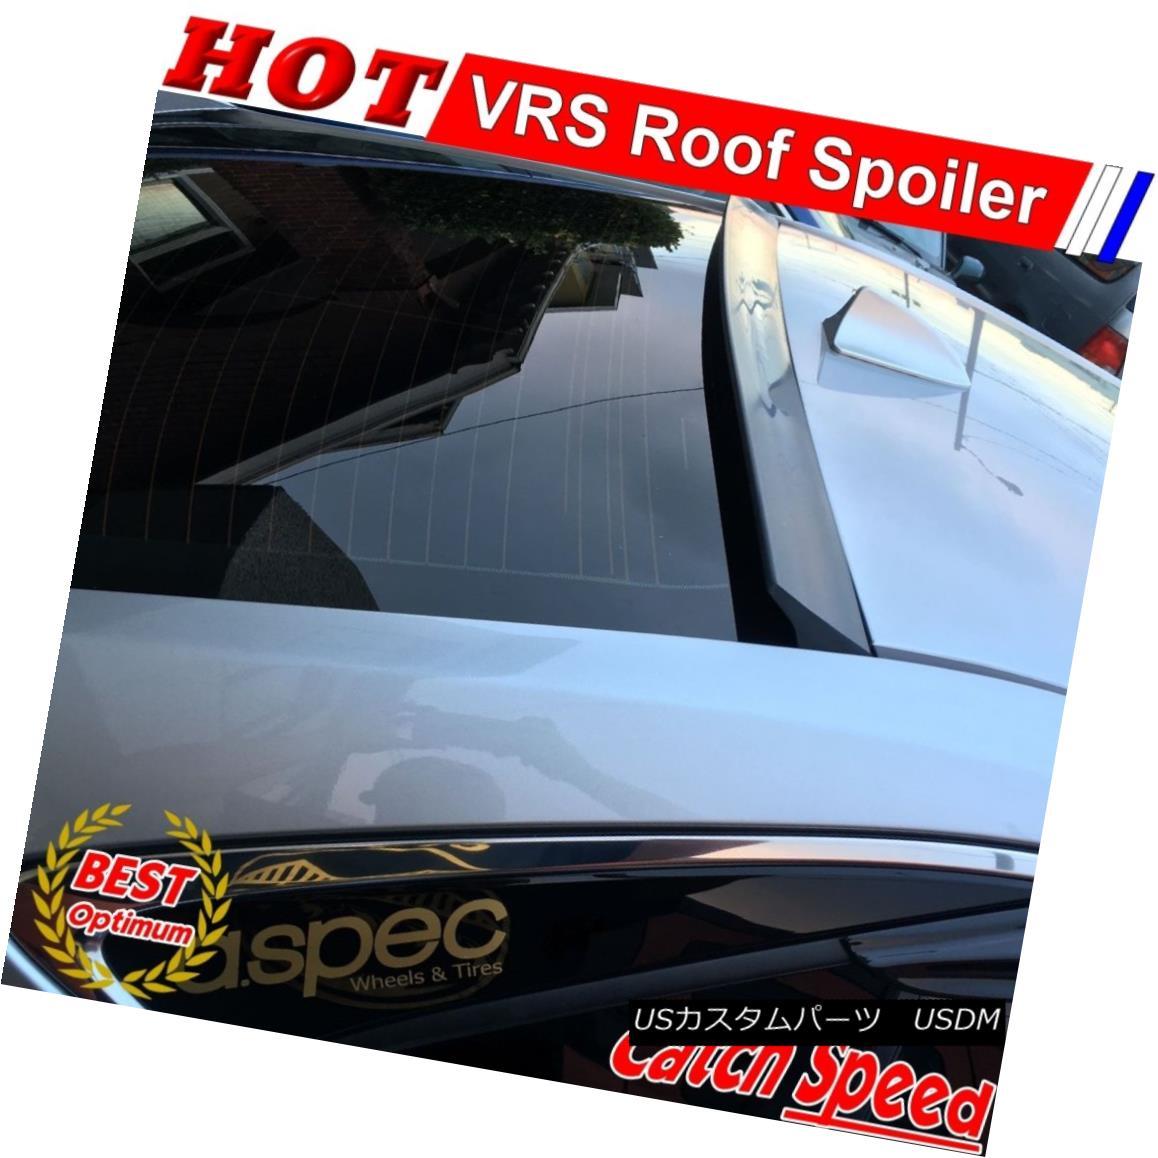 エアロパーツ Flat Black VRS Style Rear Roof Spoiler Wing For Ford Fusion Sedan 2006~2009 フォードフュージョンセダン用フラットブラックVRSスタイルリアルーフスポイラーウィング2006?2009